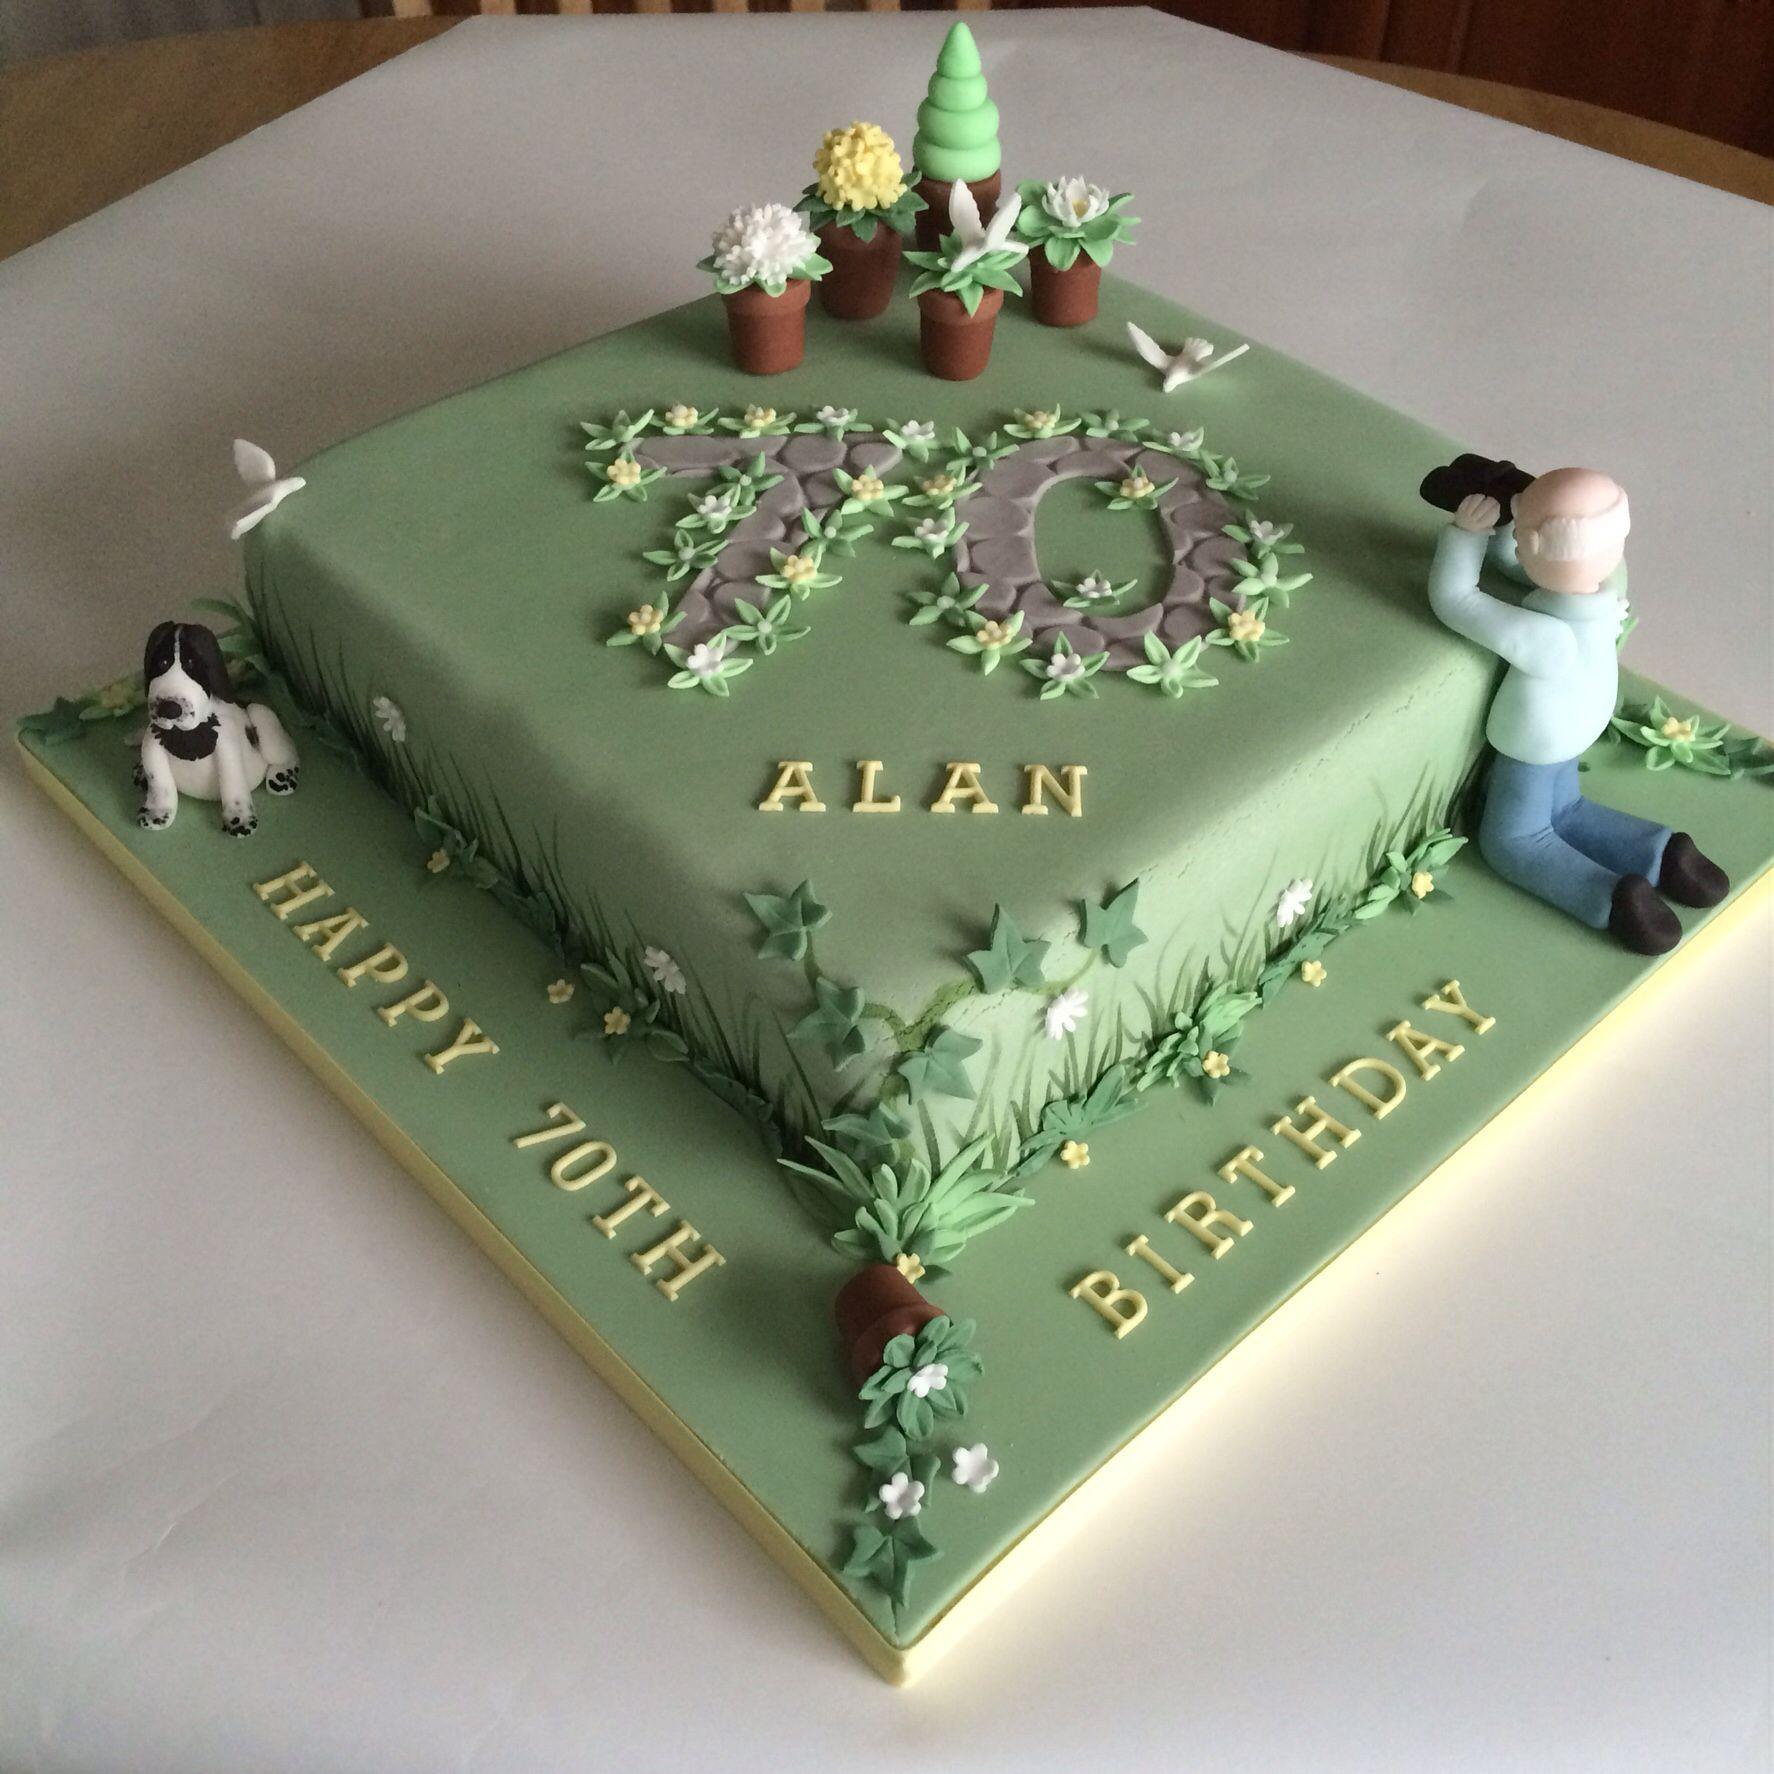 Bird Watching And Gardening Theme Cake 70th Birthday